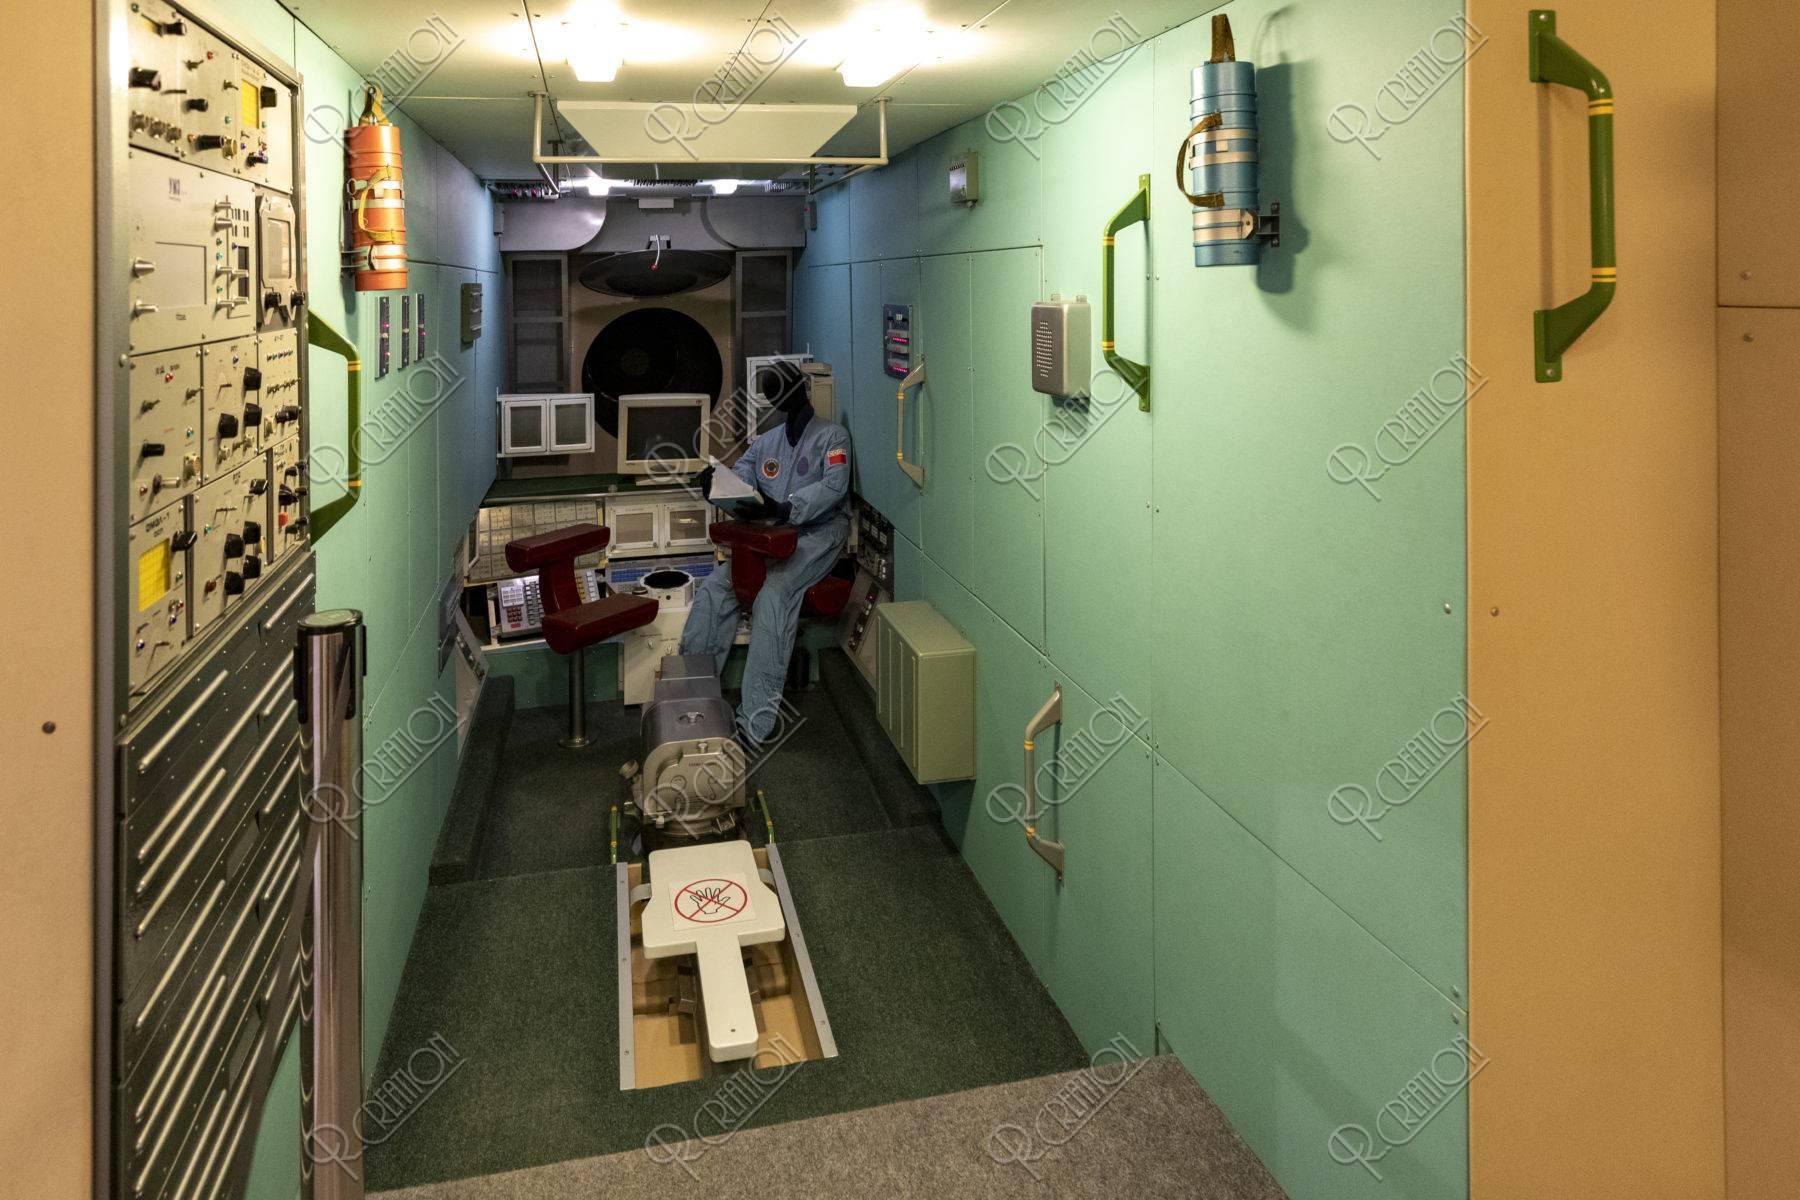 宇宙飛行士記念博物館 内部 宇宙ステーション